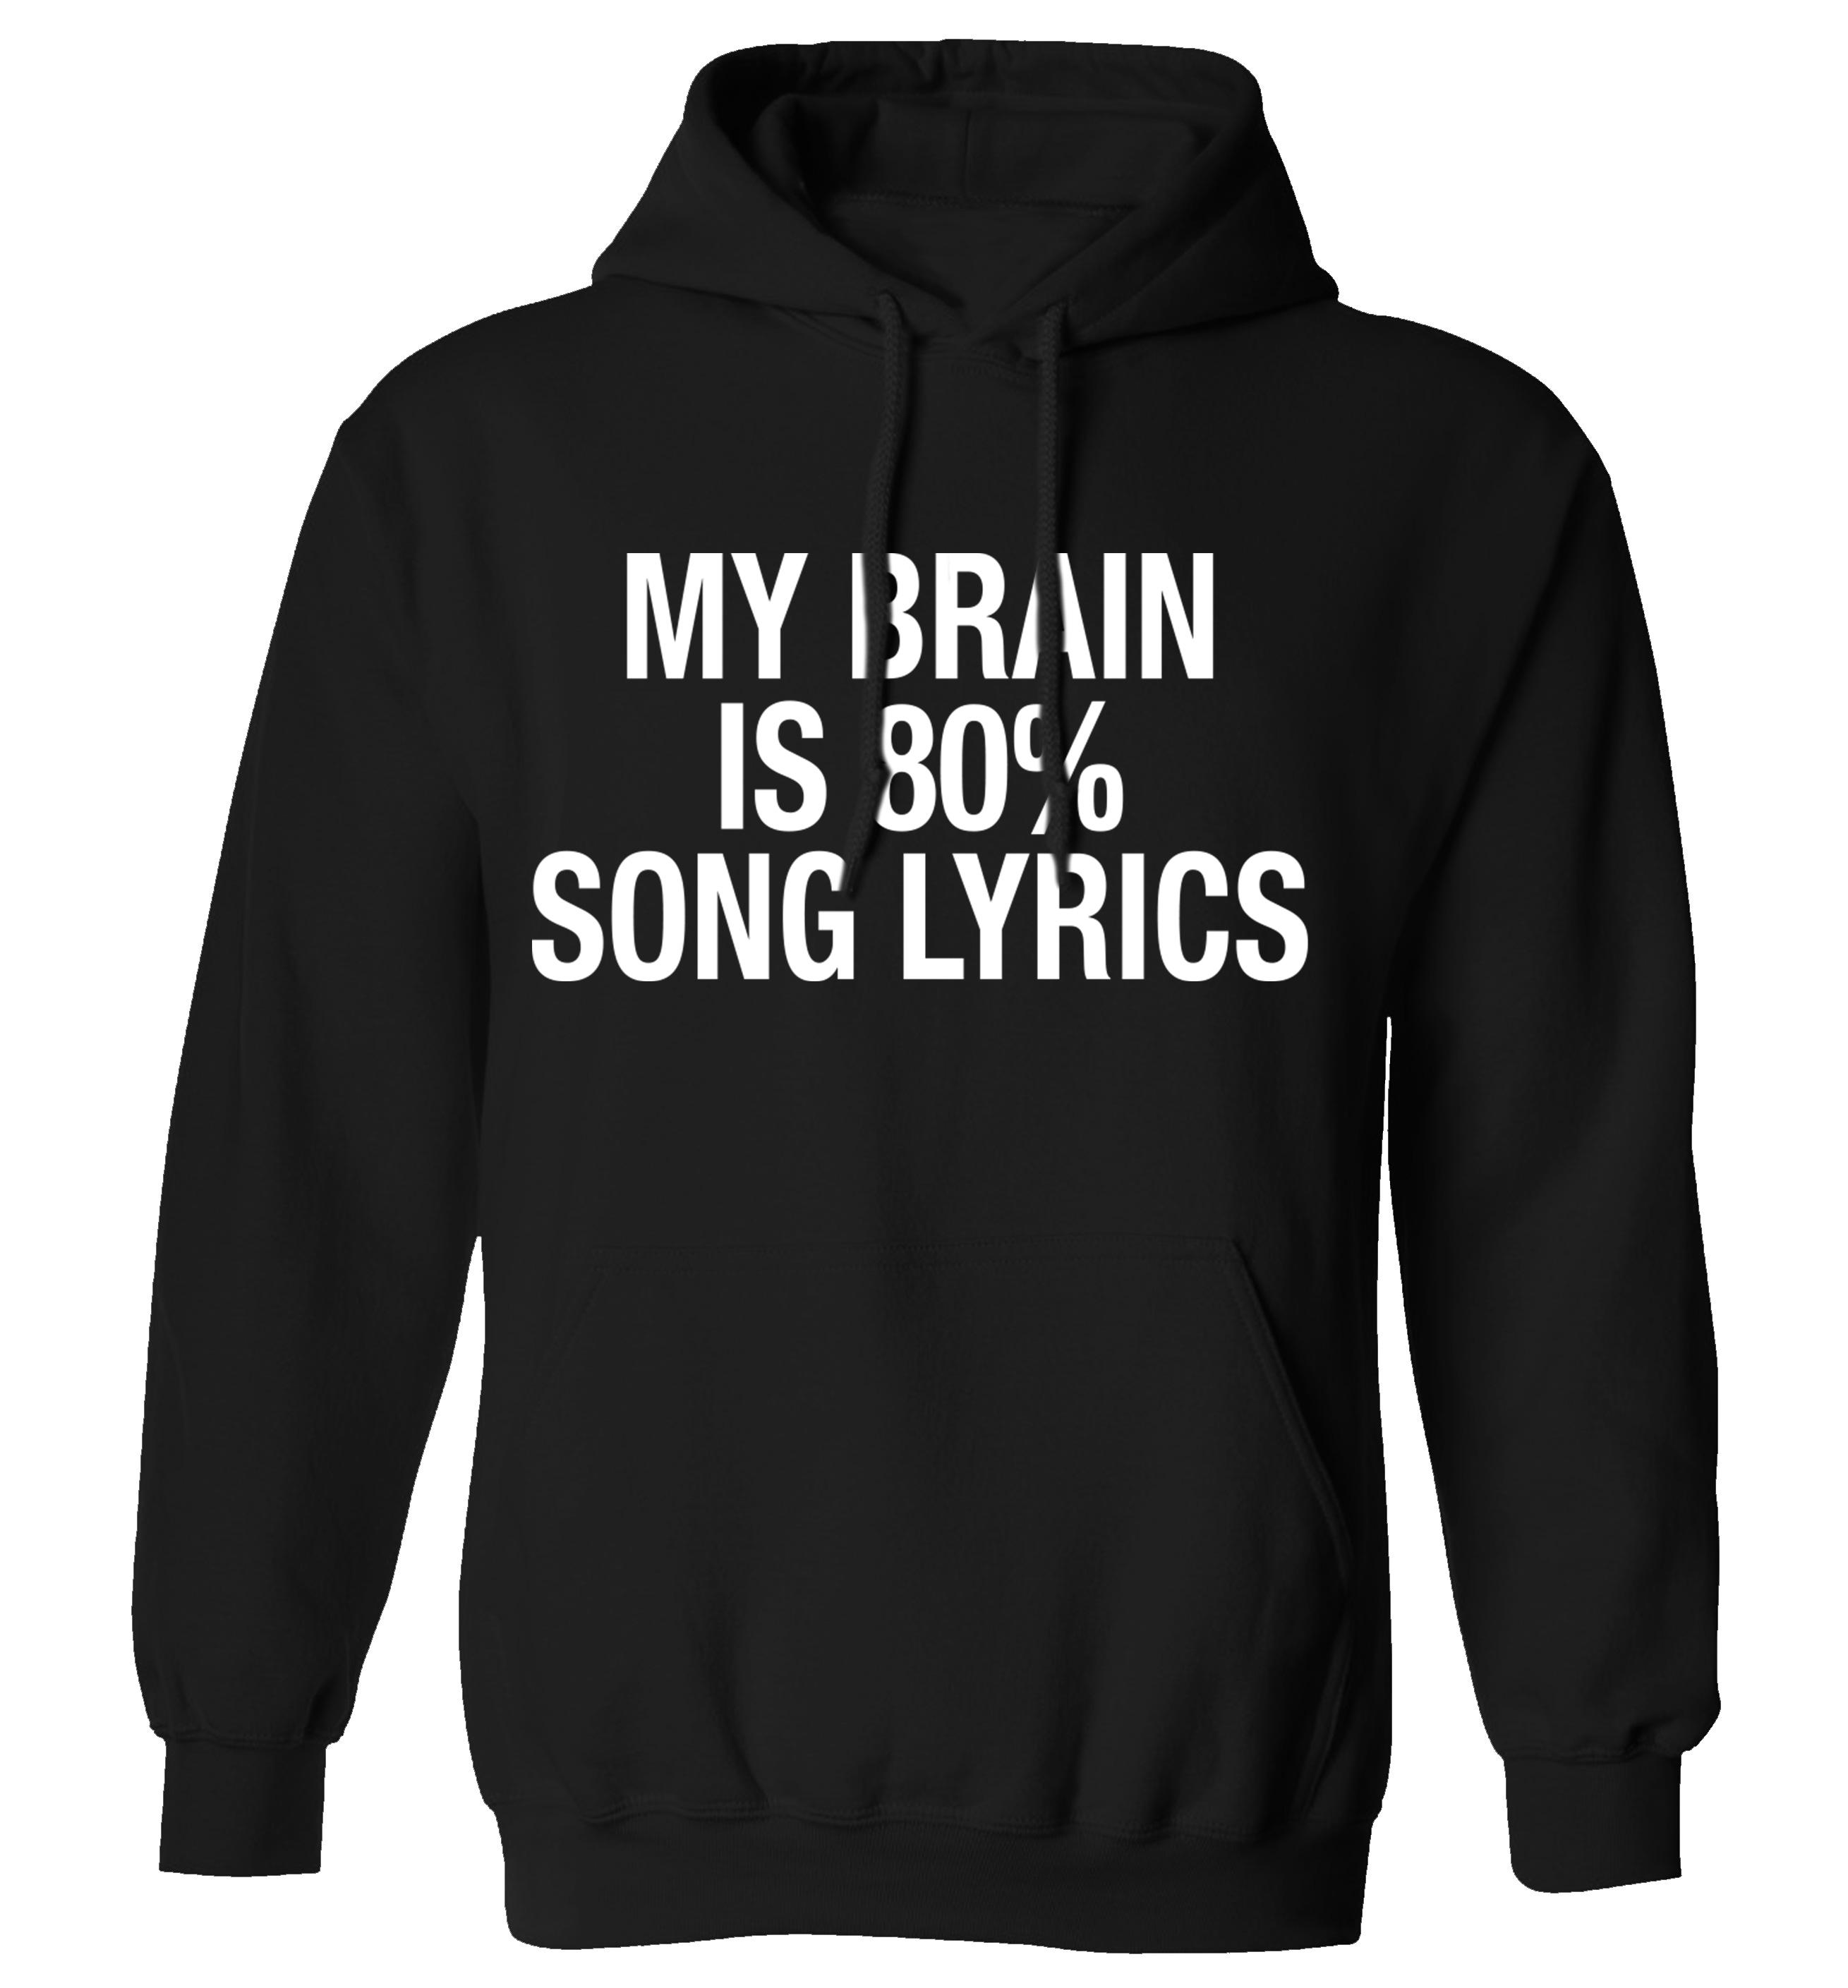 My Brain Is 80 Song Lyrics Hoodie Tumblr Instagram Cute Rock Hipster Slogan Music Gig